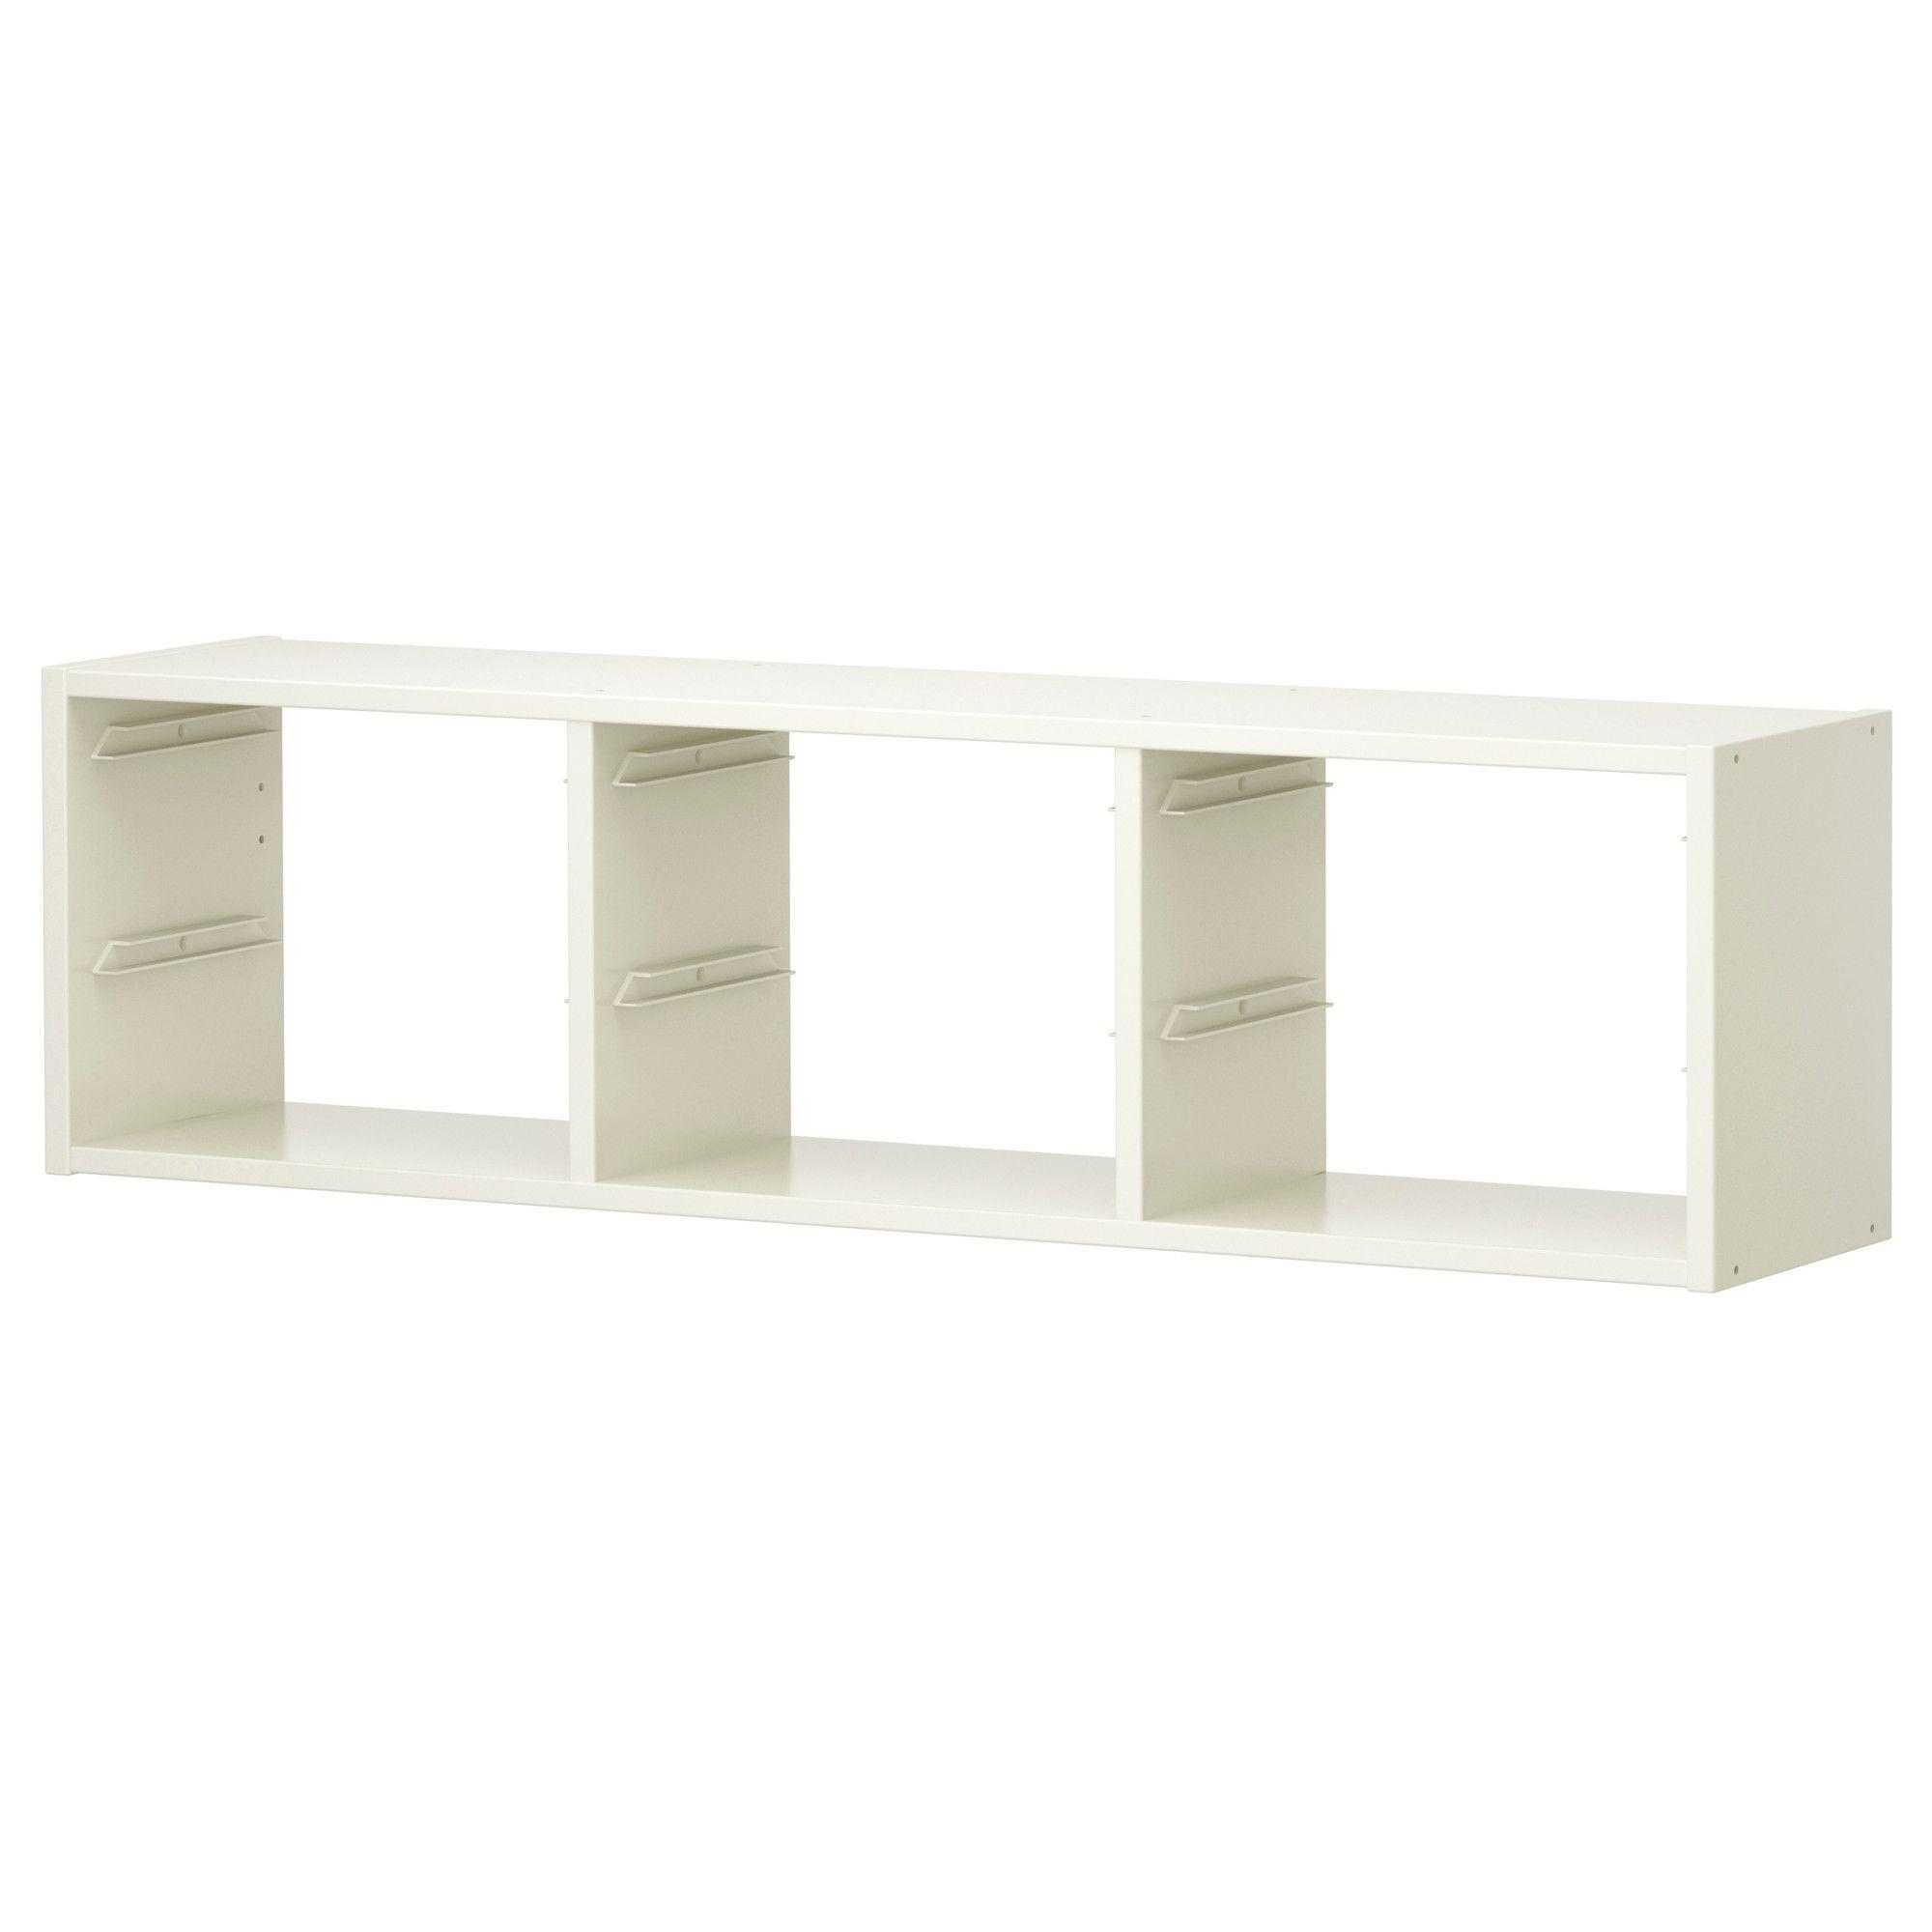 Cubi Contenitori Da Parete.Elemento Da Parete Trofast Bianco Camerette Ikea Armadio E